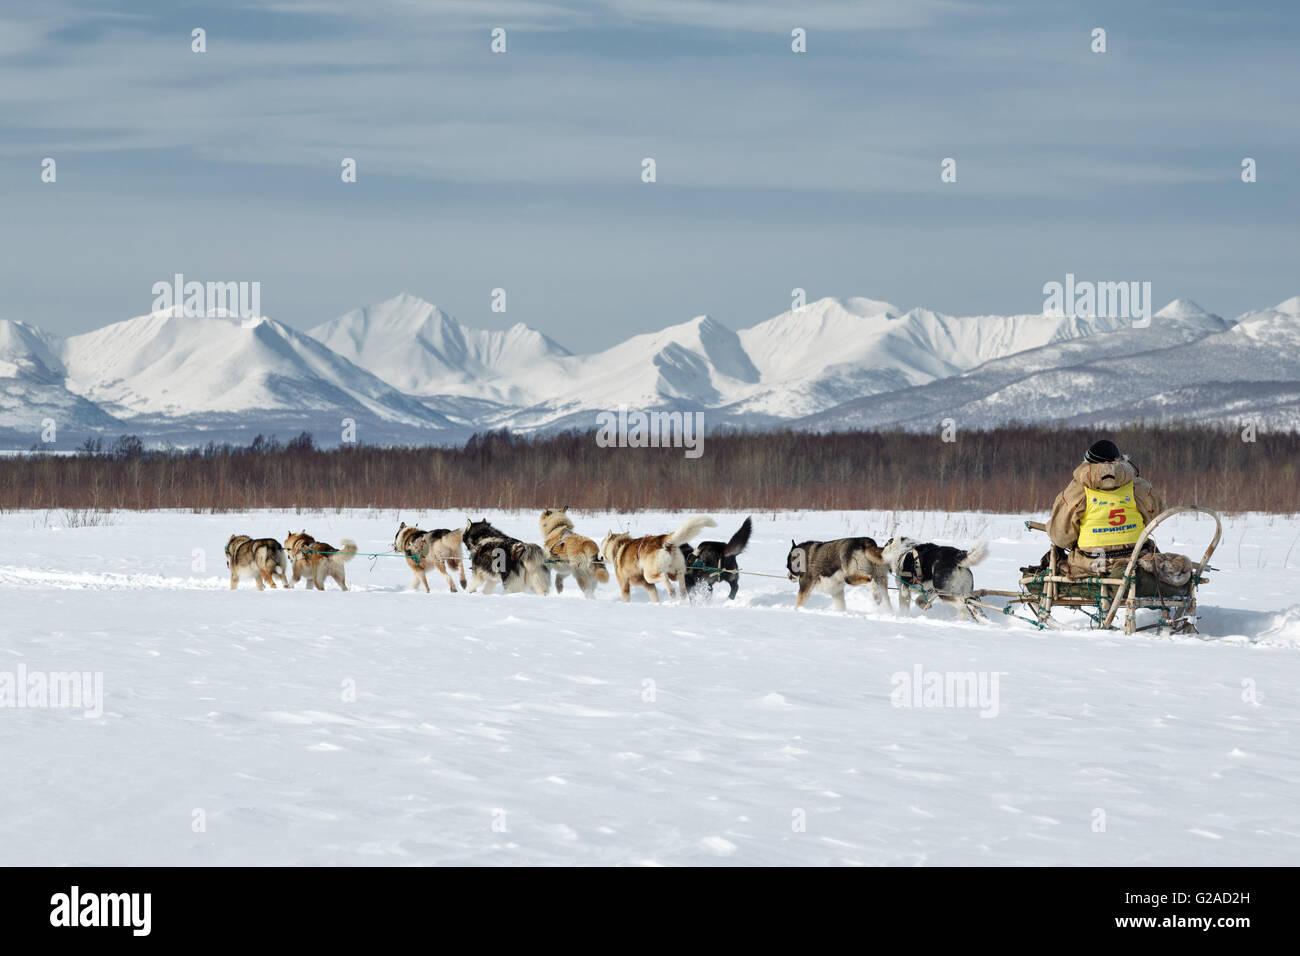 L'équipe de chien de traîneau musher Kamchatka Ivan Nivani fonctionne sur un fond de montagnes. Course de traîneaux Banque D'Images